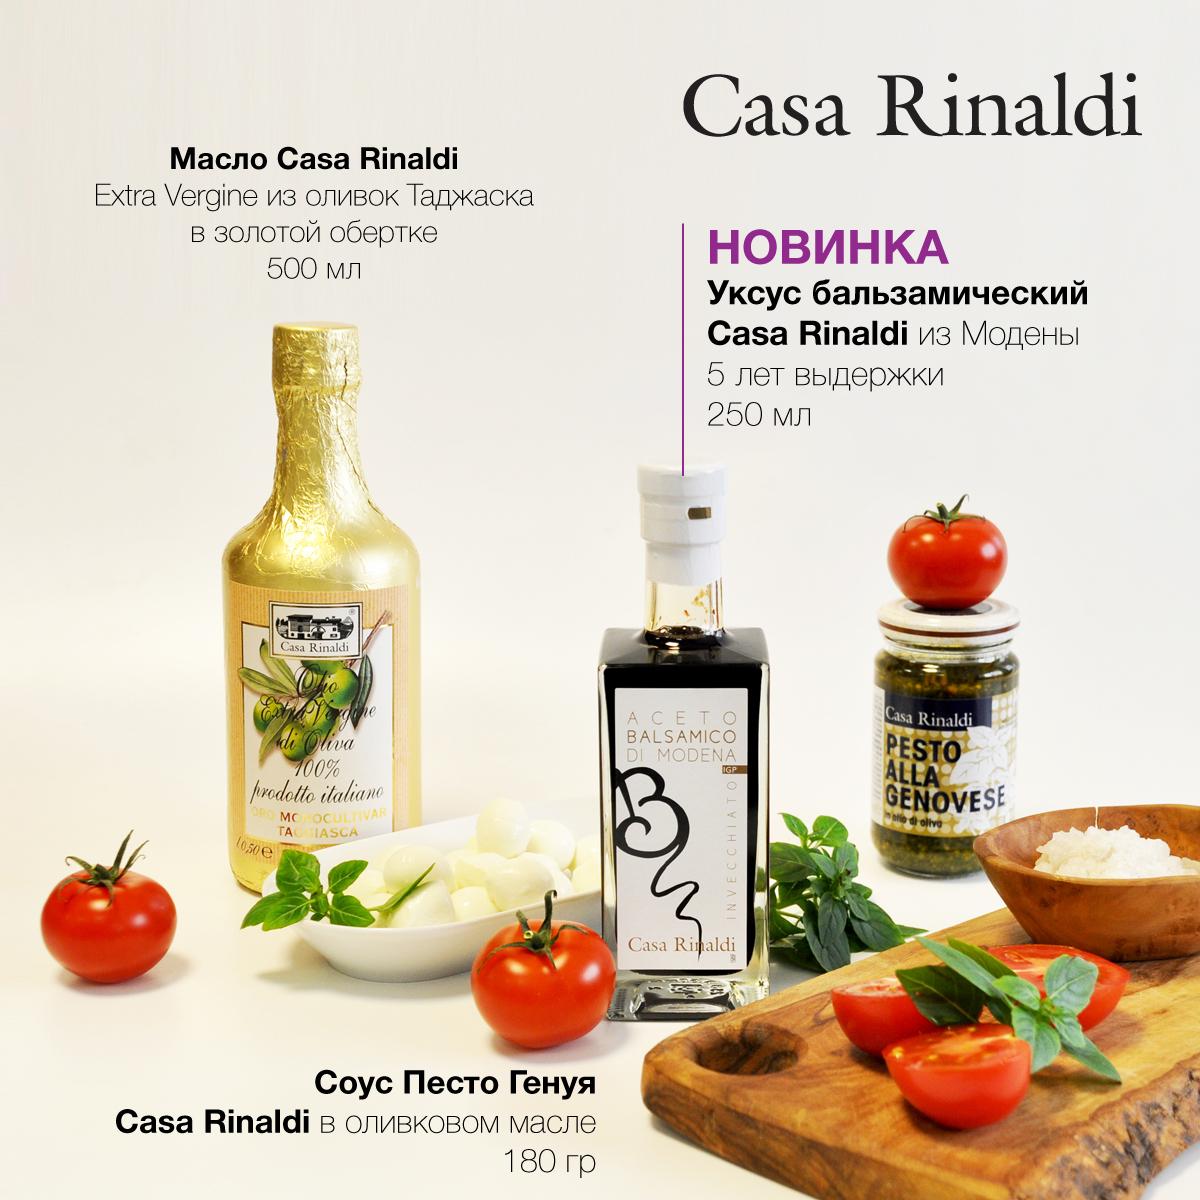 Масло Casa Rinaldi из оливок Таджаска Extra Vergine нефильтрованное в золотой обертке 500 мл